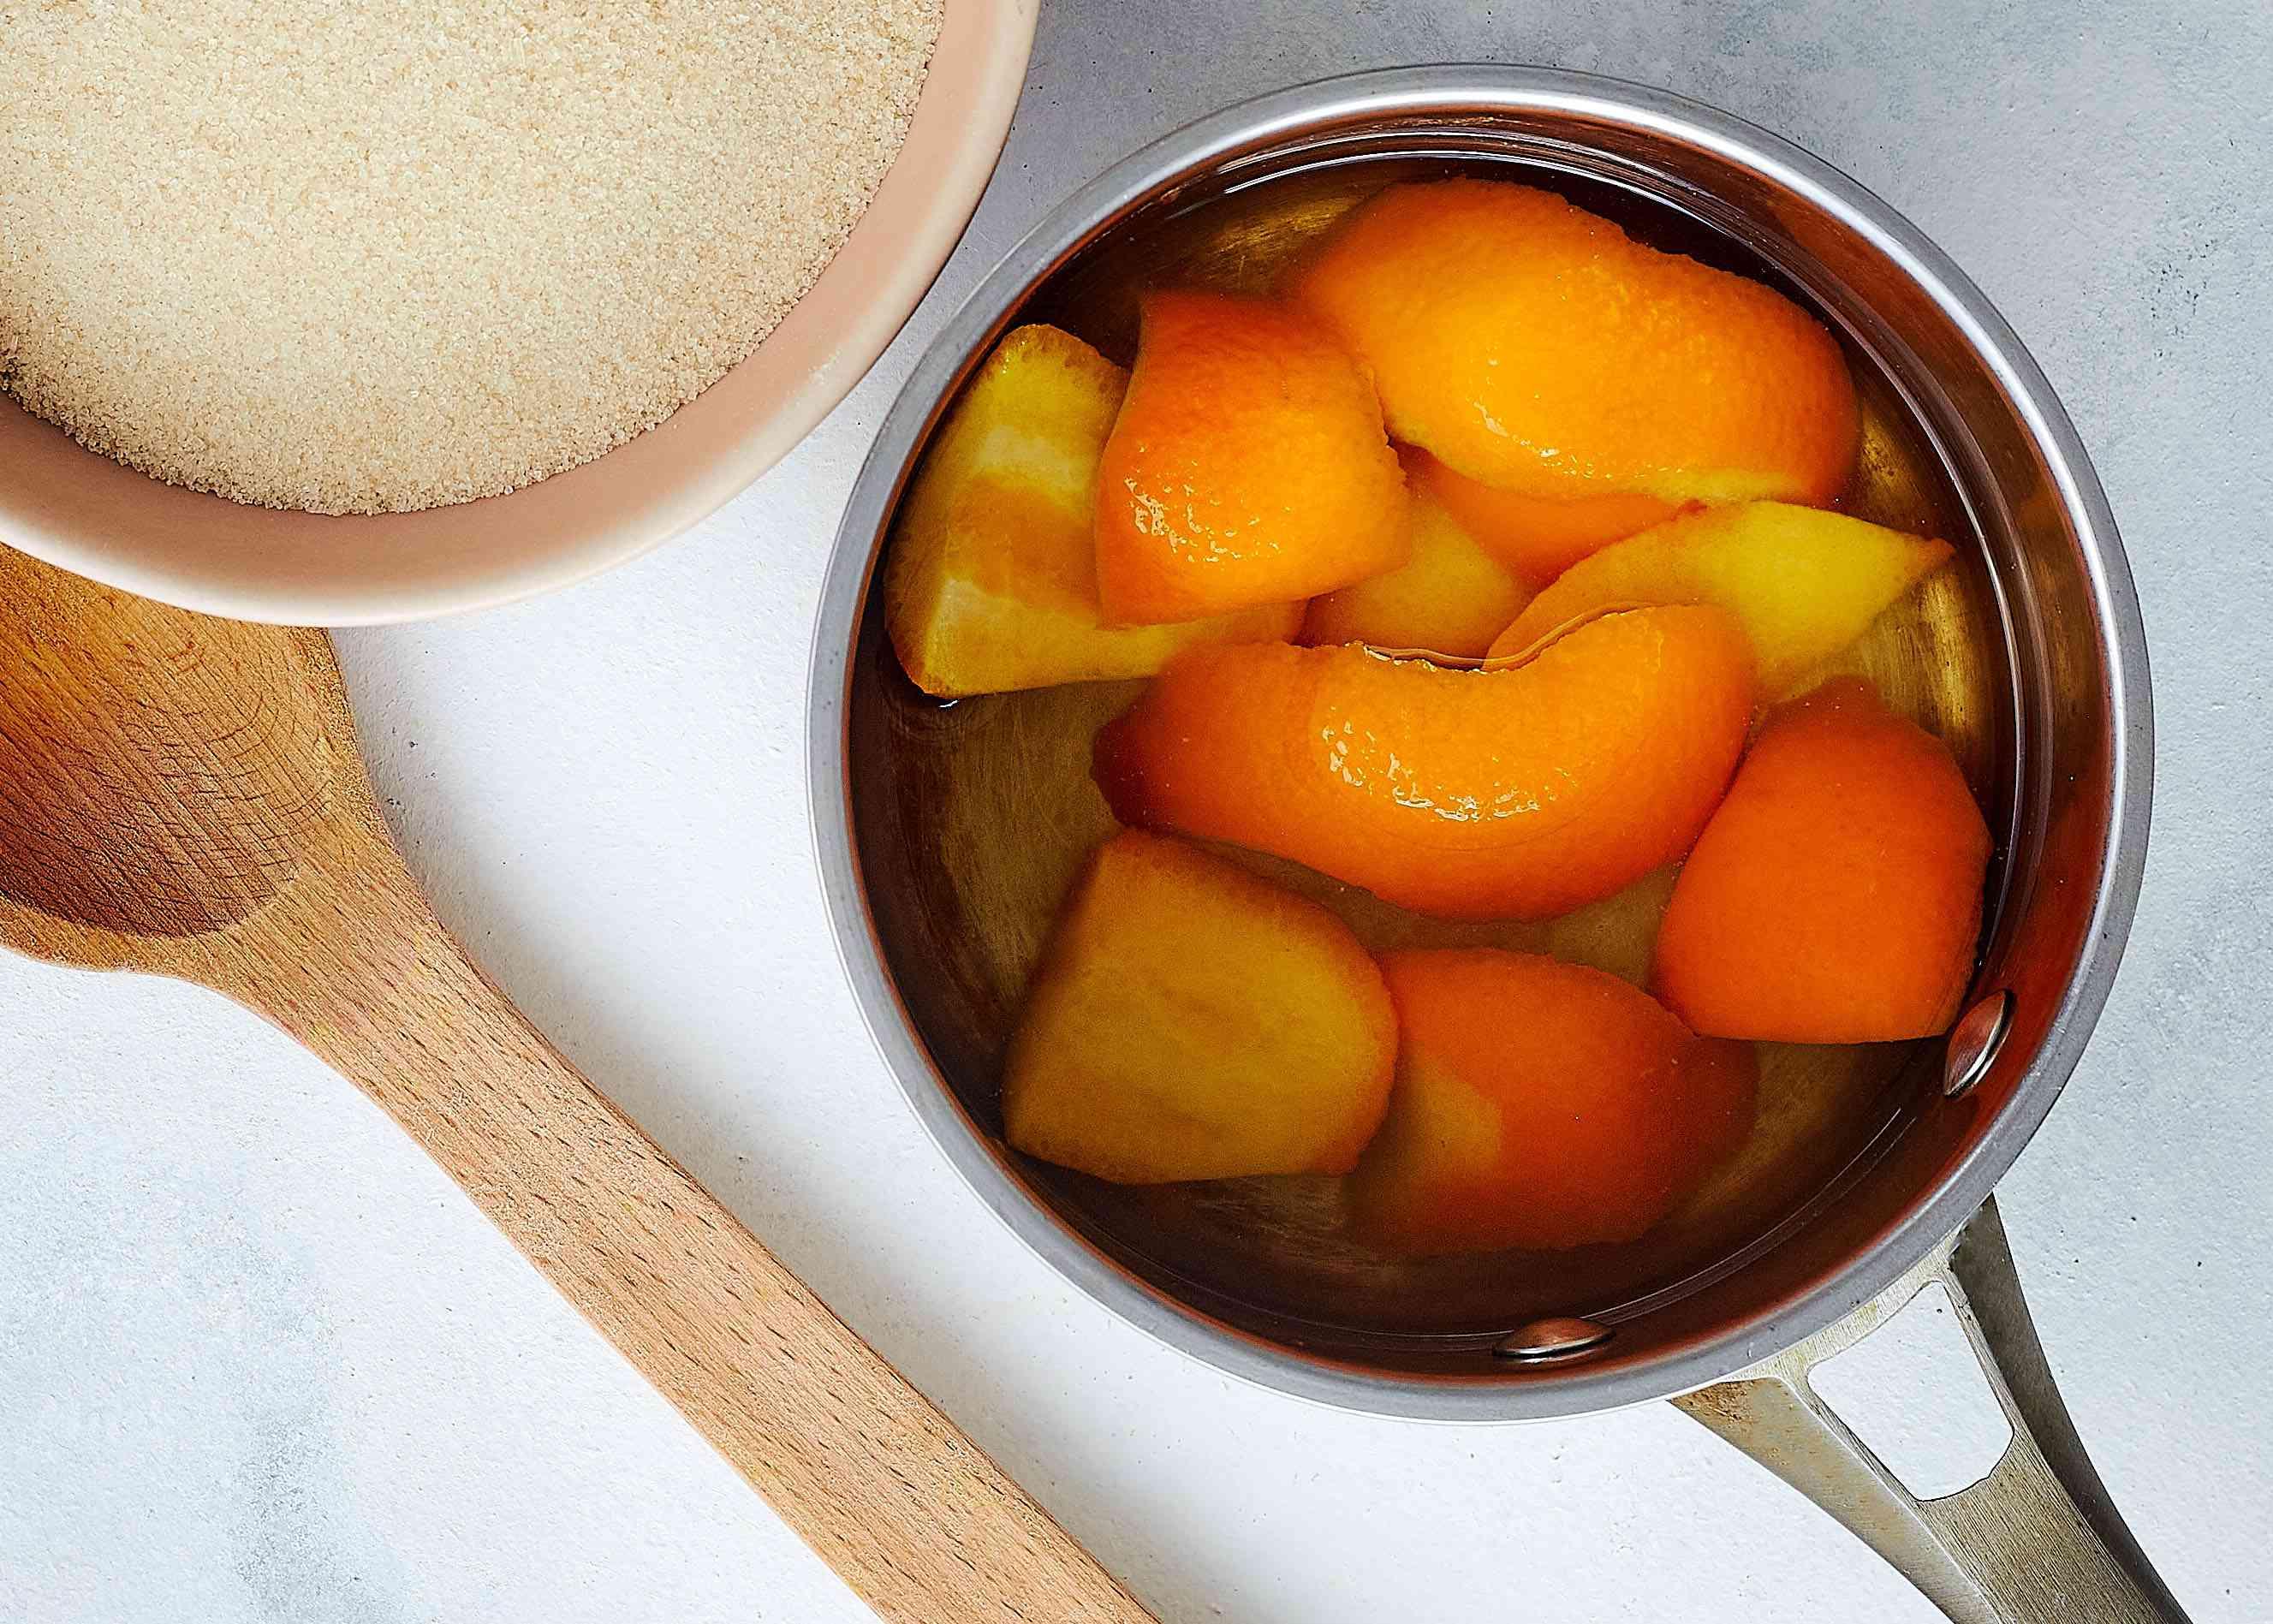 Water, sugar and orange peels in a pan